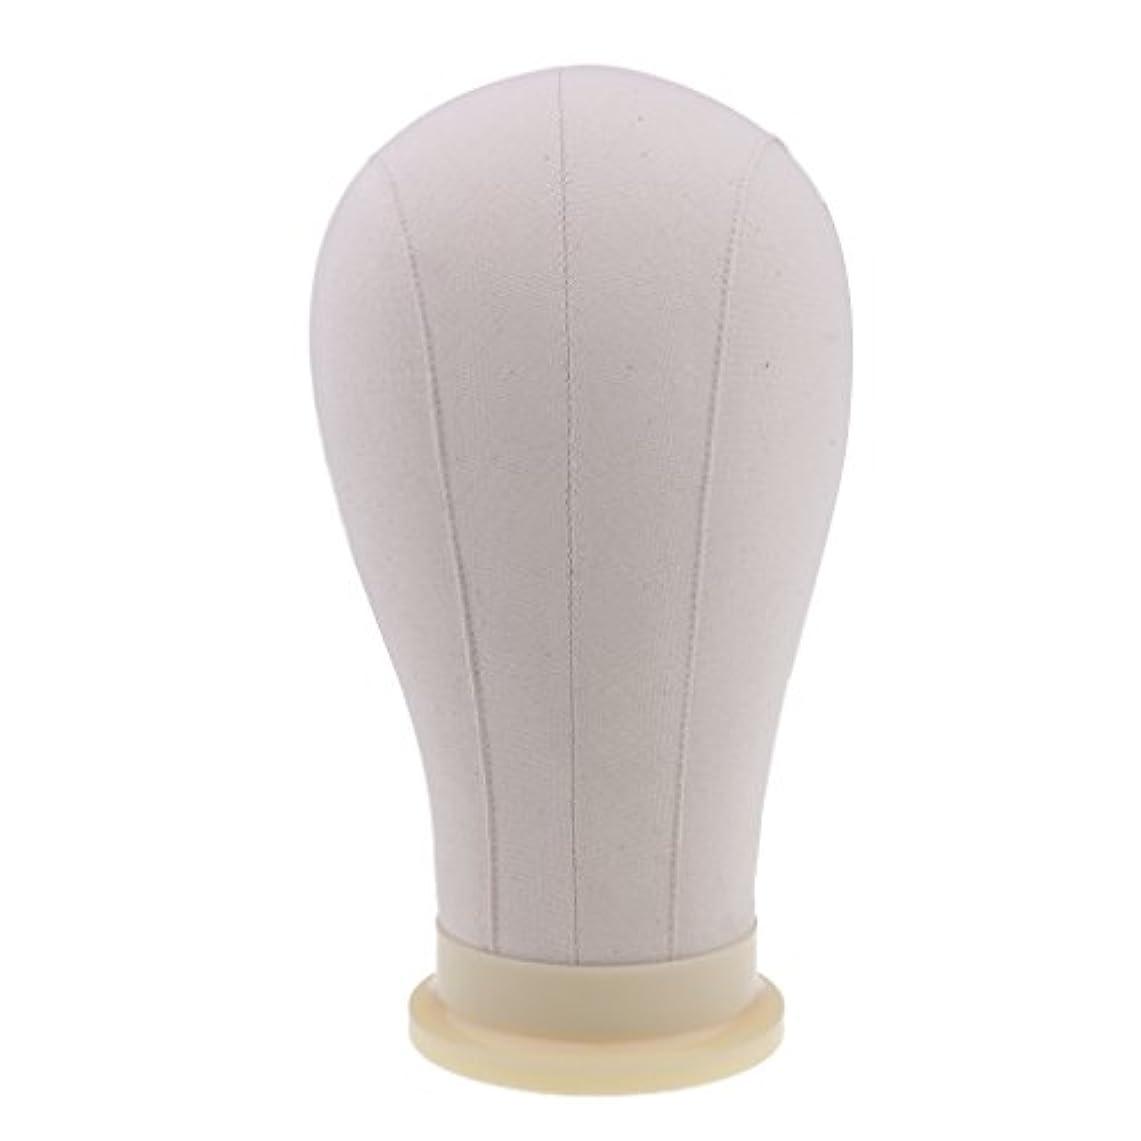 散逸工夫するインキュバスToygogo マネキンヘッド ディスプレイ 頭部モデル かつら 帽子 メガネ 展示 ホルダー 4サイズ - 23インチ